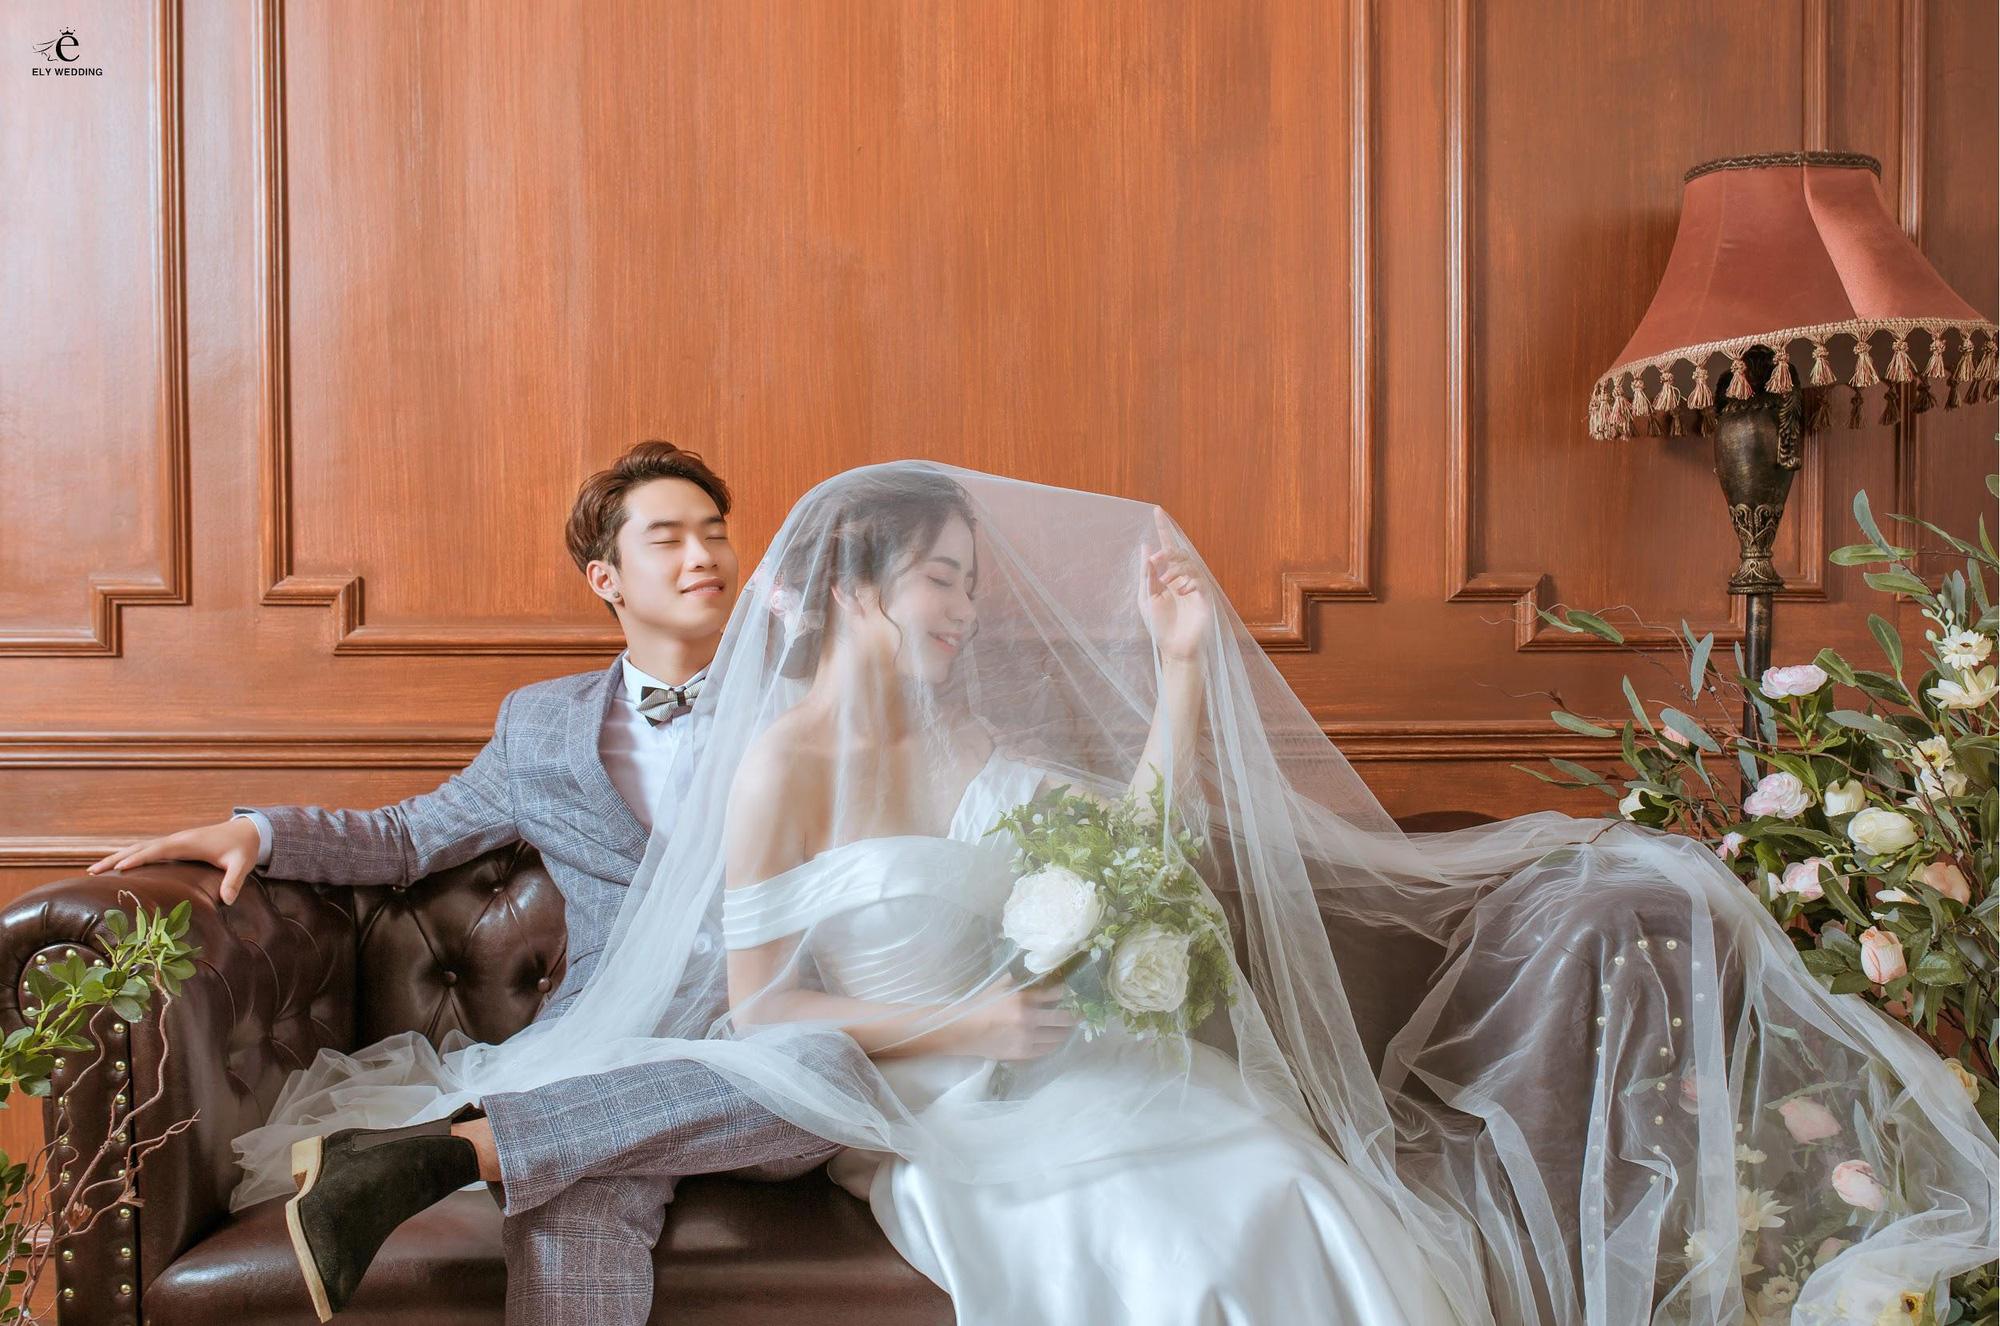 Mách nhỏ 5 địa điểm chụp ảnh cưới hot nhất Hà Nội, cứ đến là có ảnh đẹp! - Ảnh 1.